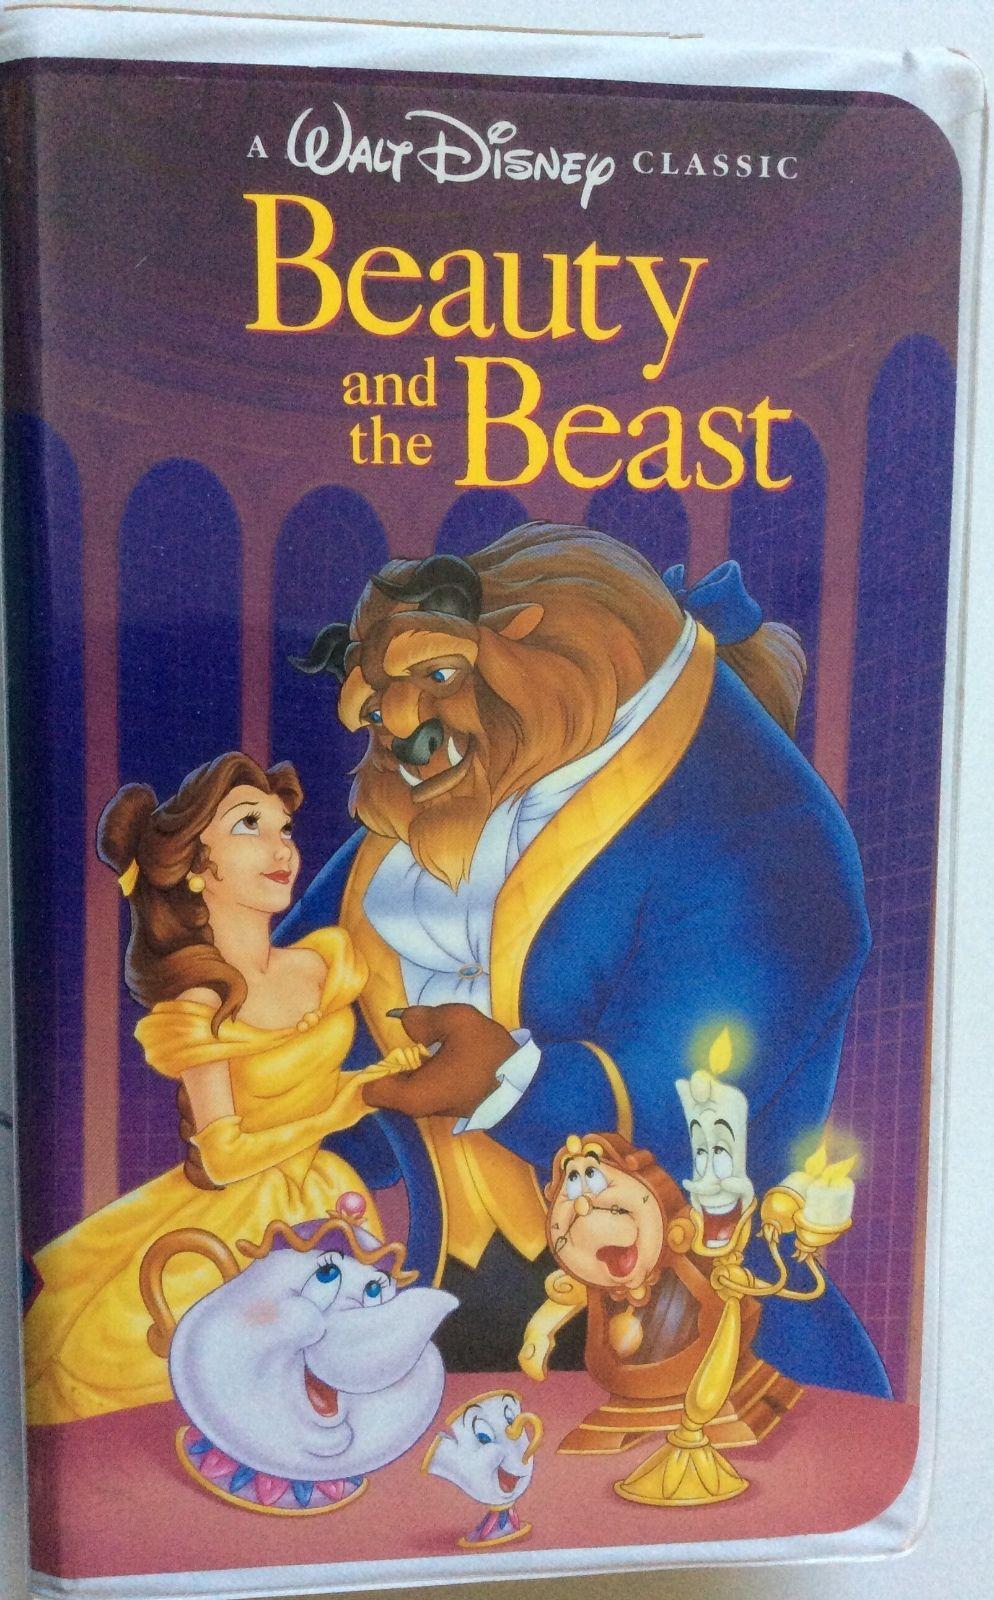 Yes, I still own my VHS!